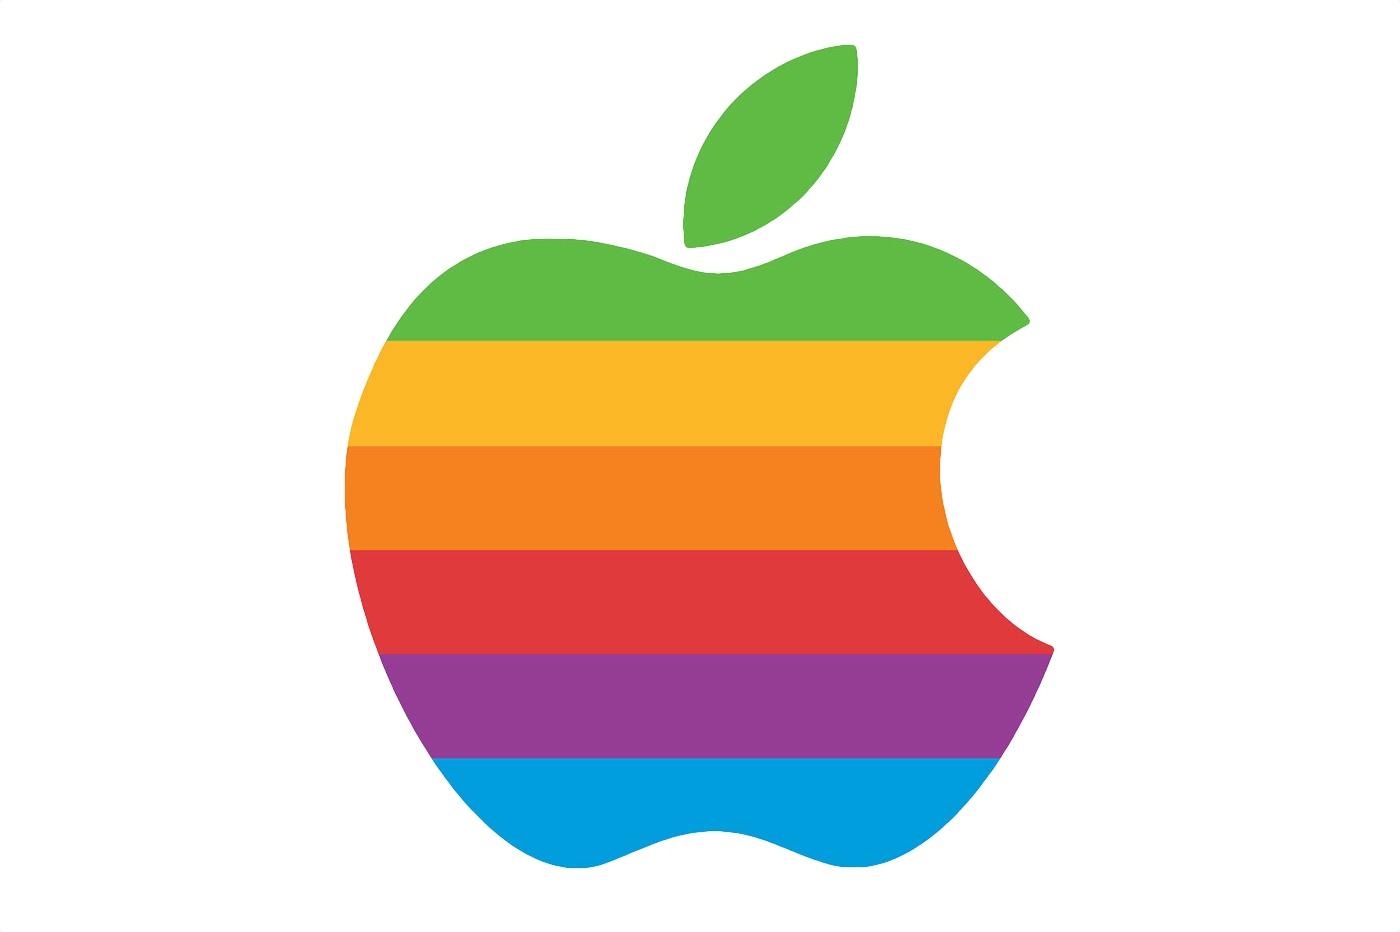 Le logo arc-en-ciel d'Apple bientôt de retour sur certains produits ? 1